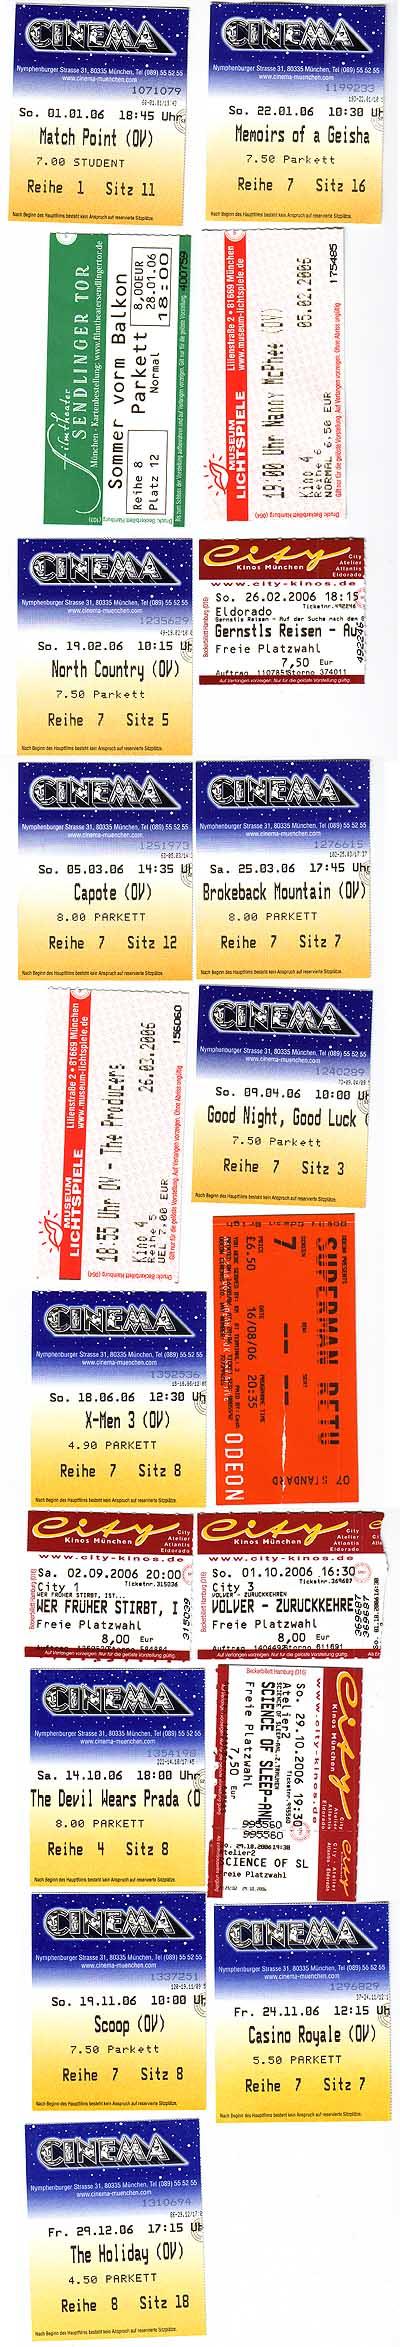 kinokarten2006.jpg